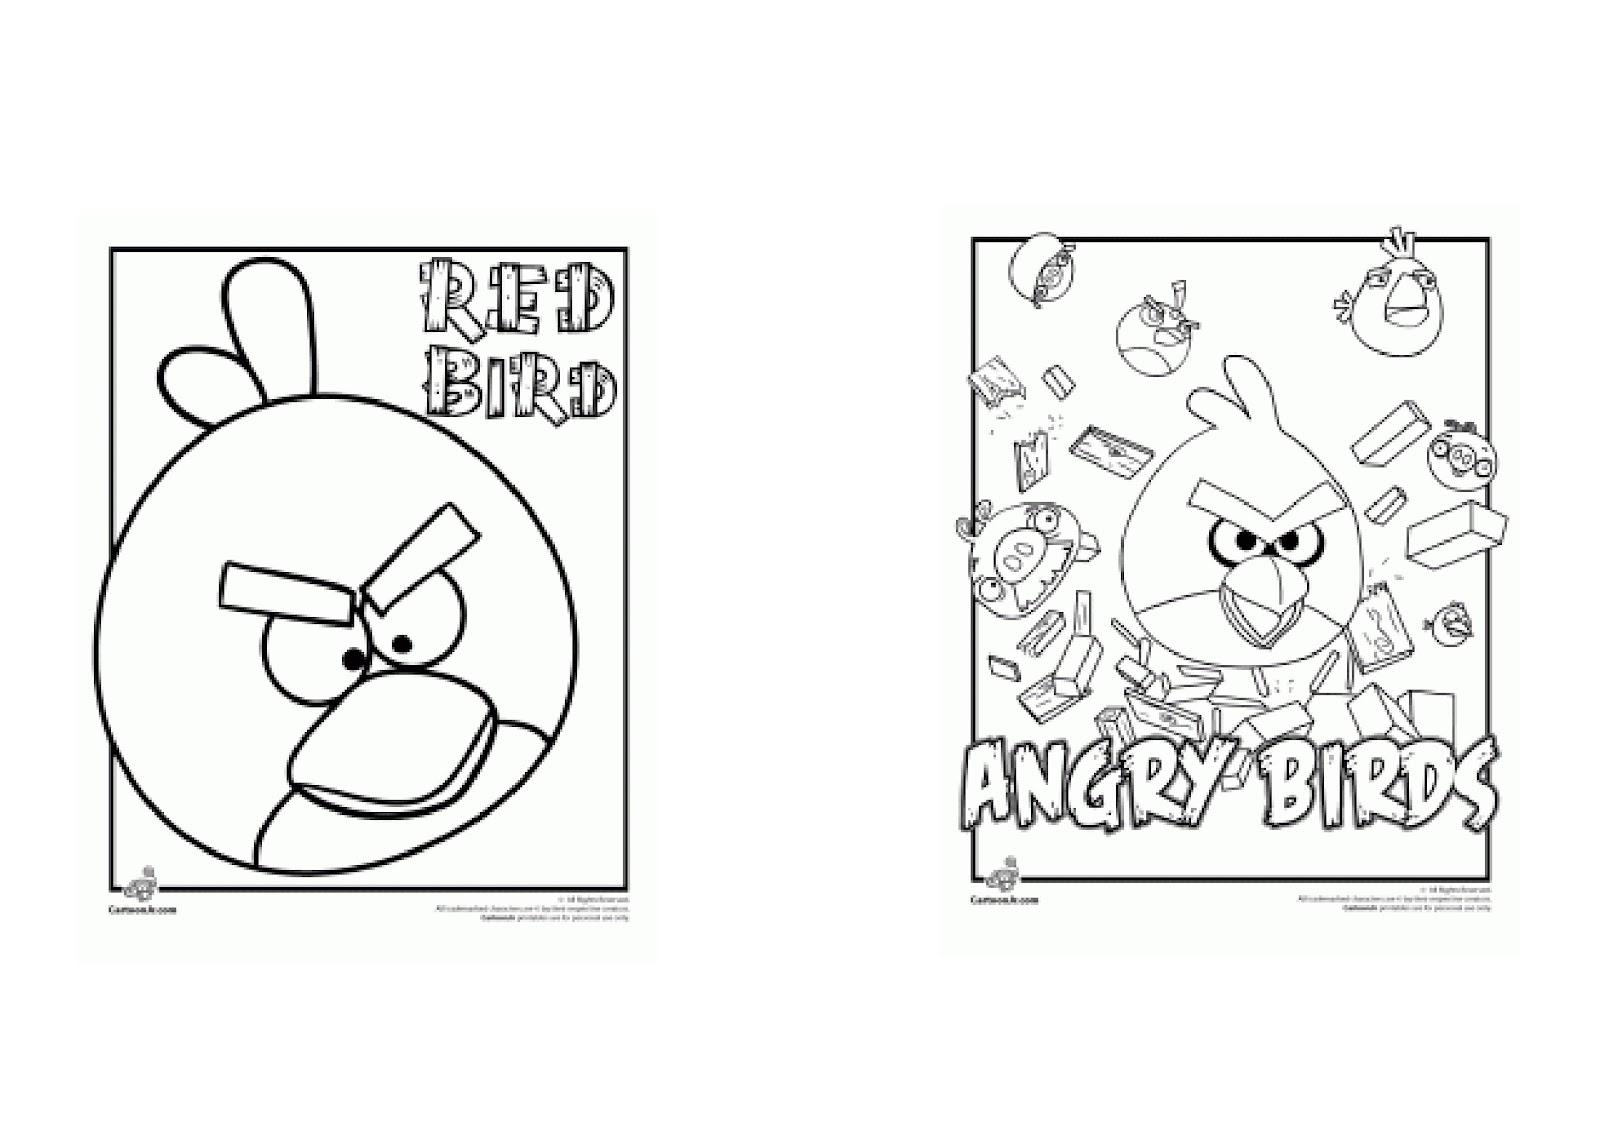 Angry Birds Para Colorir E Imprimir: Fazendo A Minha Festa Para Colorir: Angry Birds